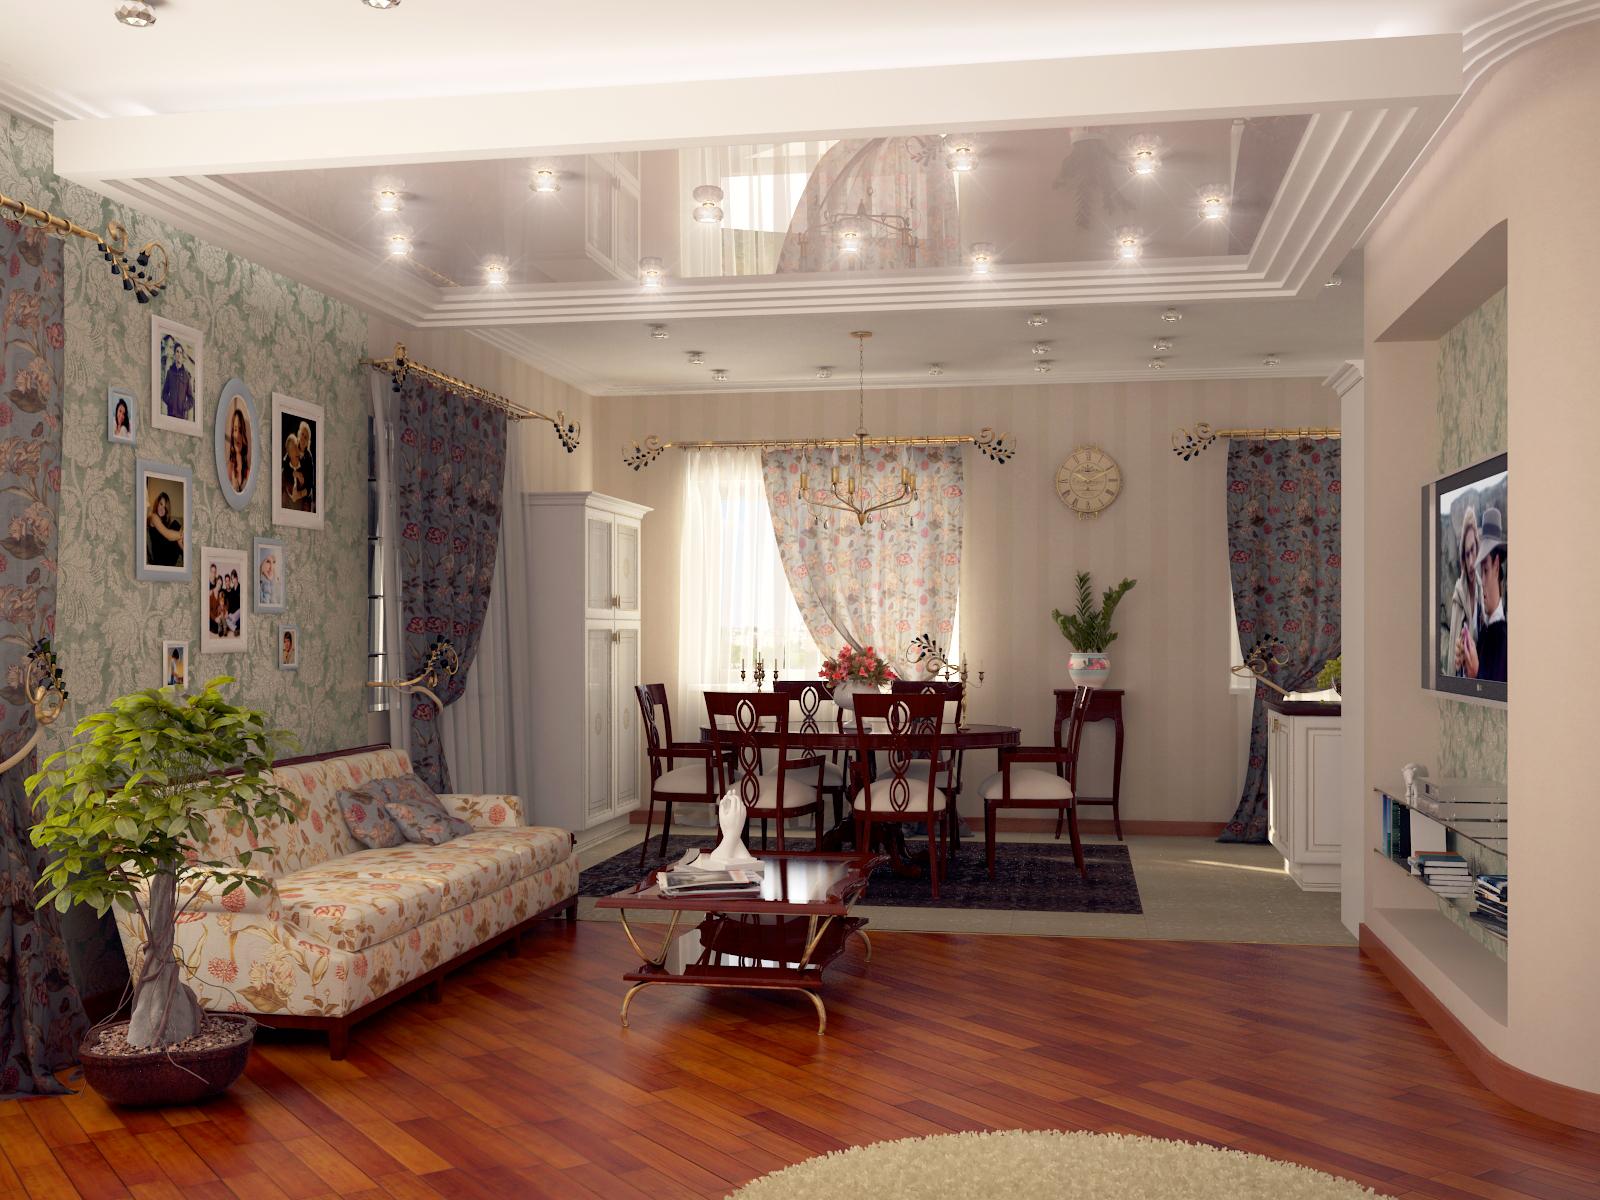 гостиная-столовая в квартире